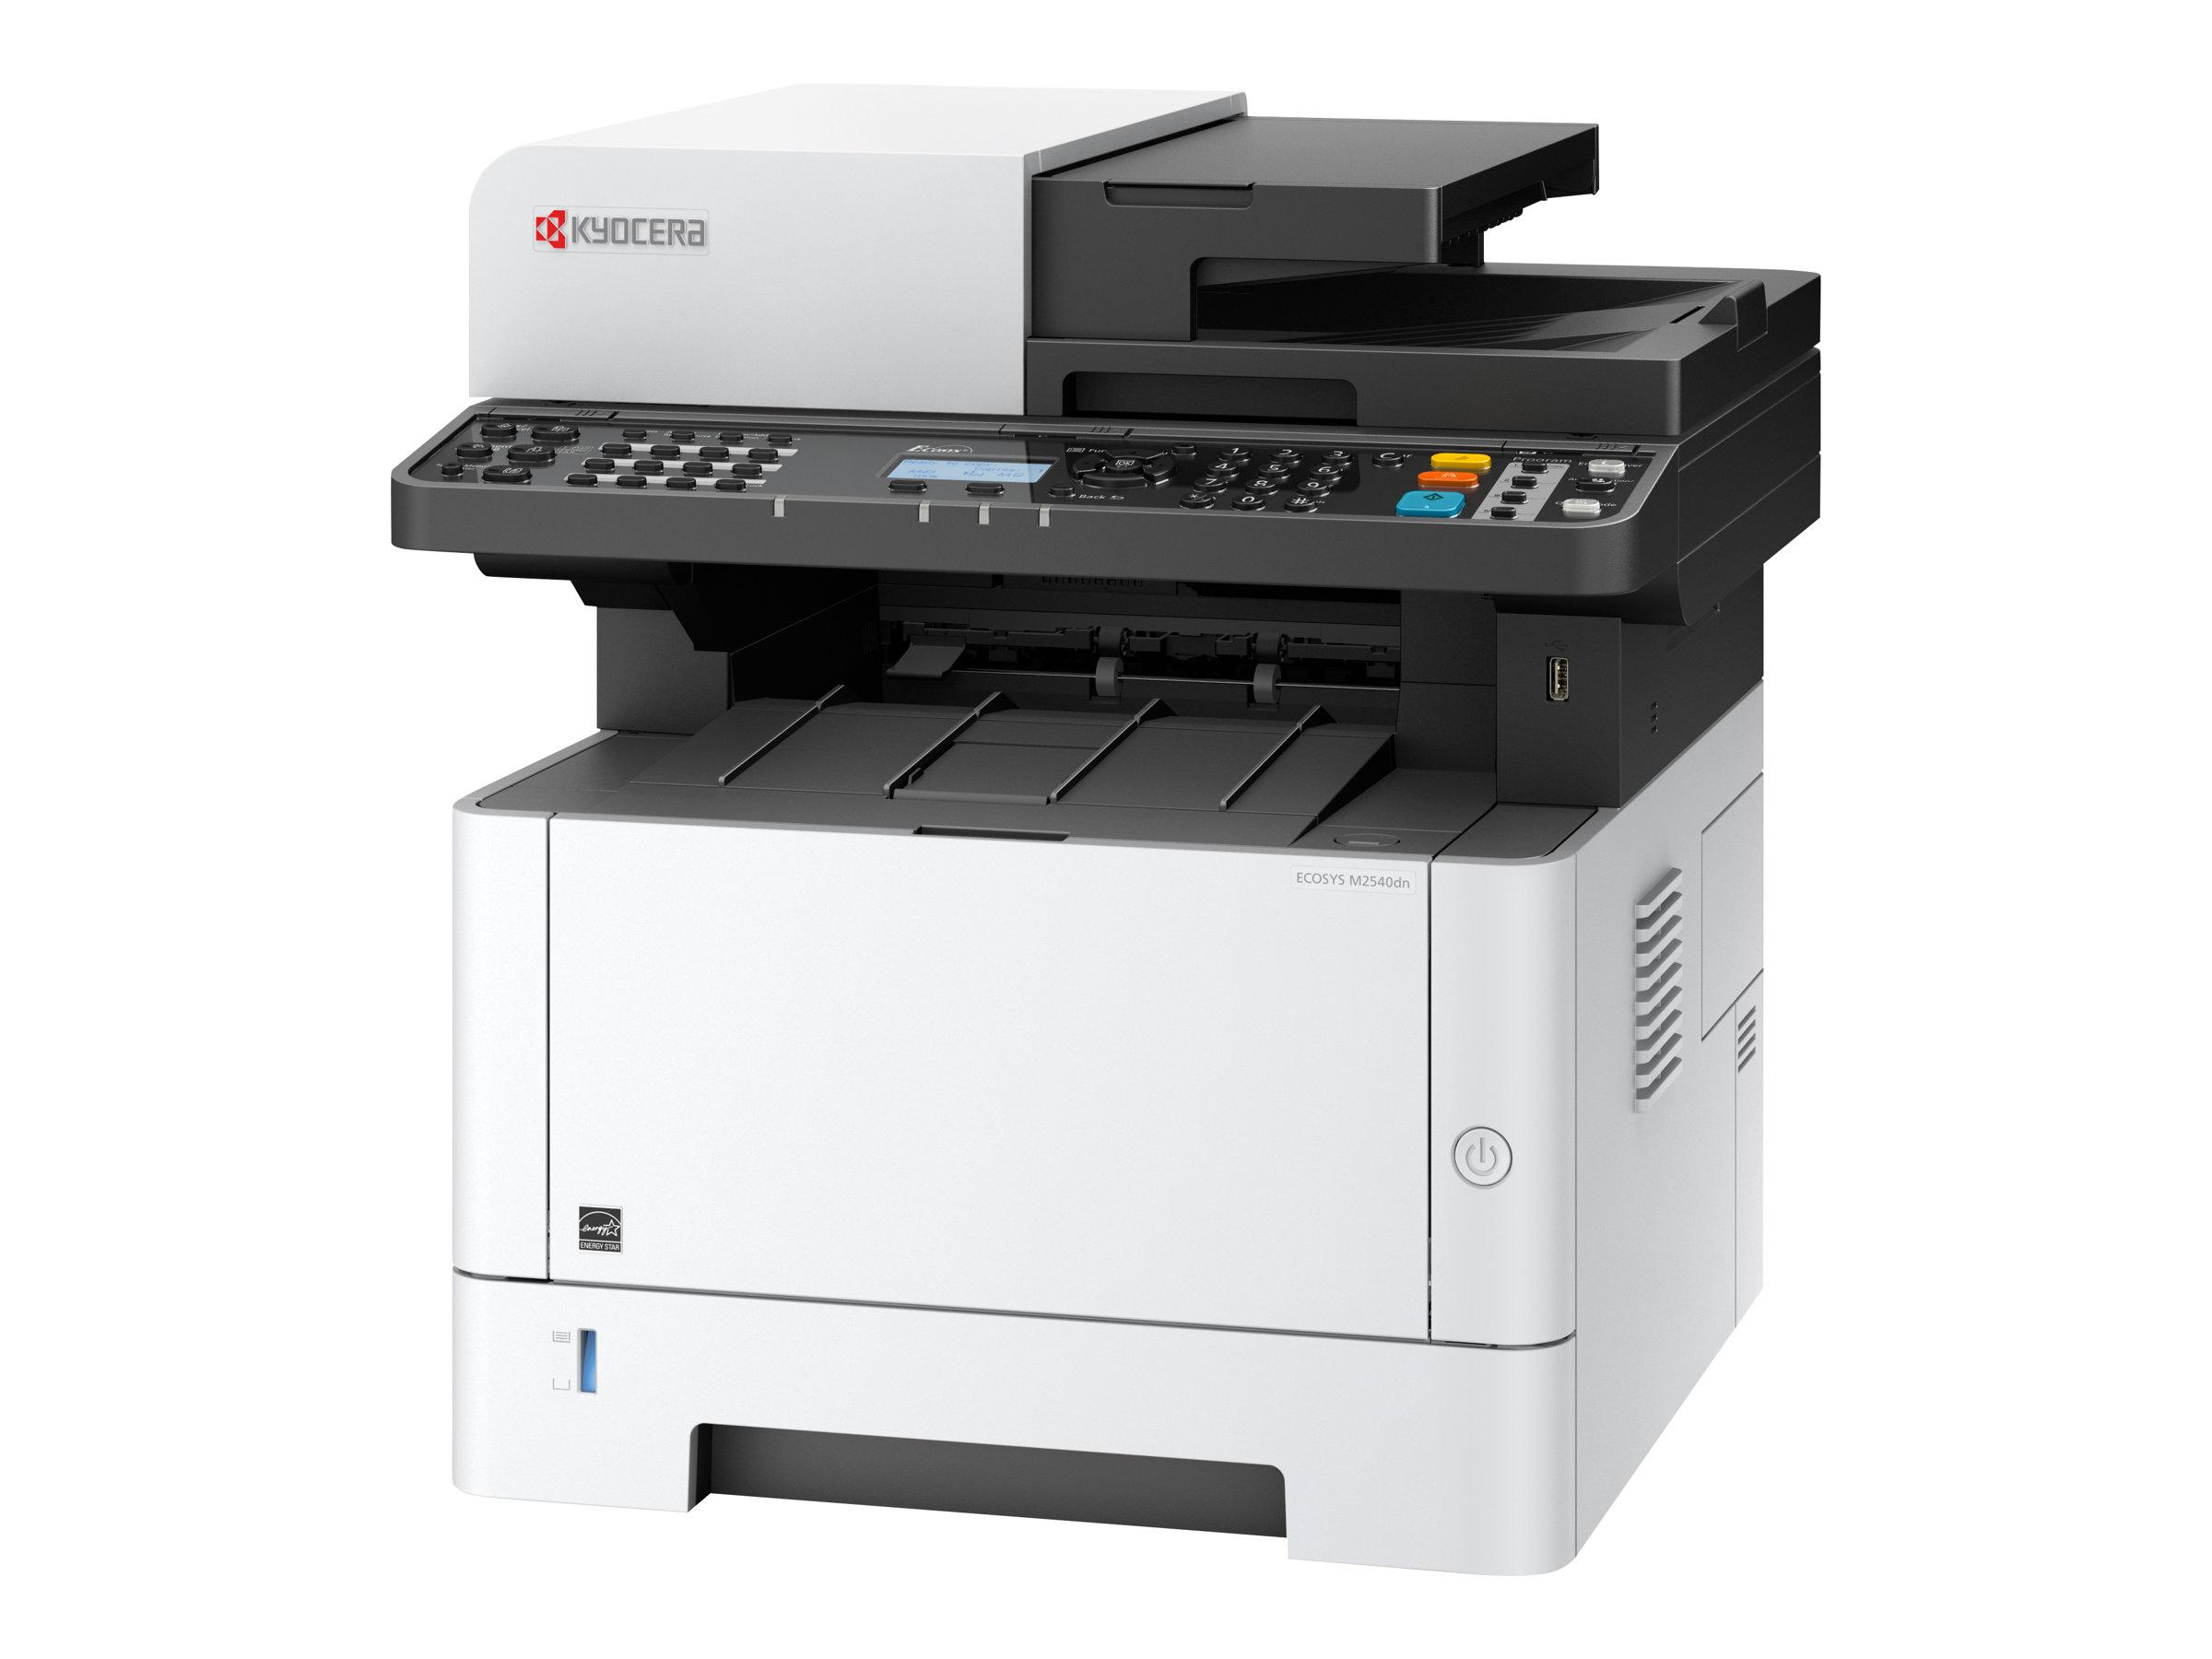 Kyocera ECOSYS M2540dn - Multifunktionsdrucker